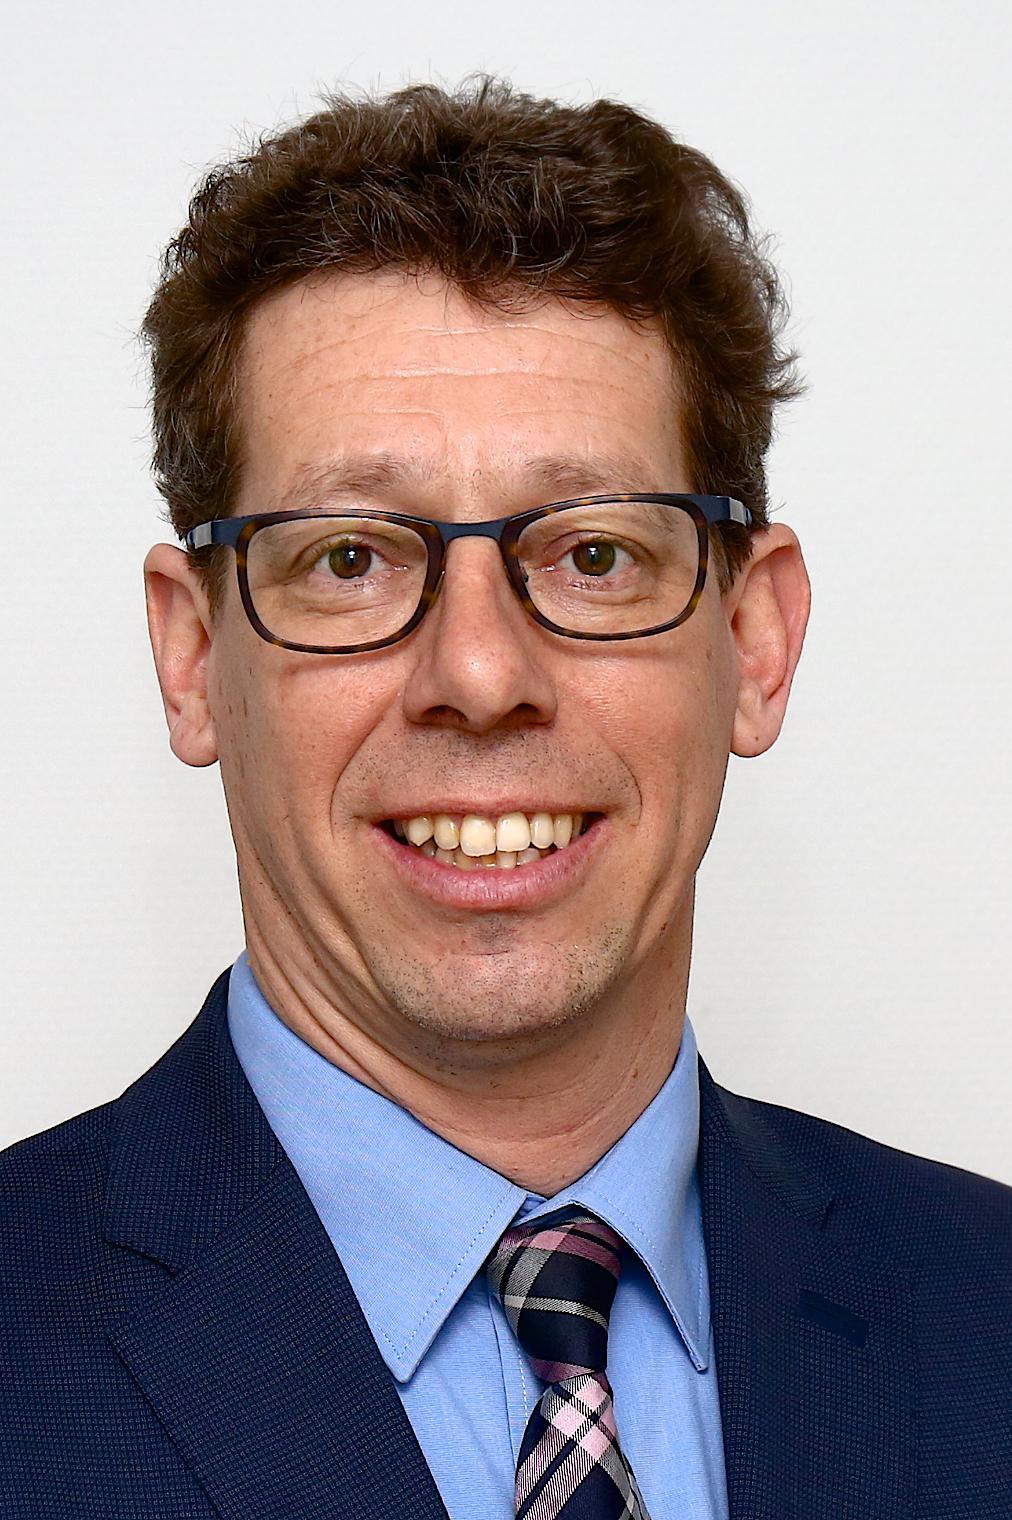 'Ik lust zowel vis als kaas', Te Beest (CDA Velsen) tot verkiezingen wethouder in Alkmaar